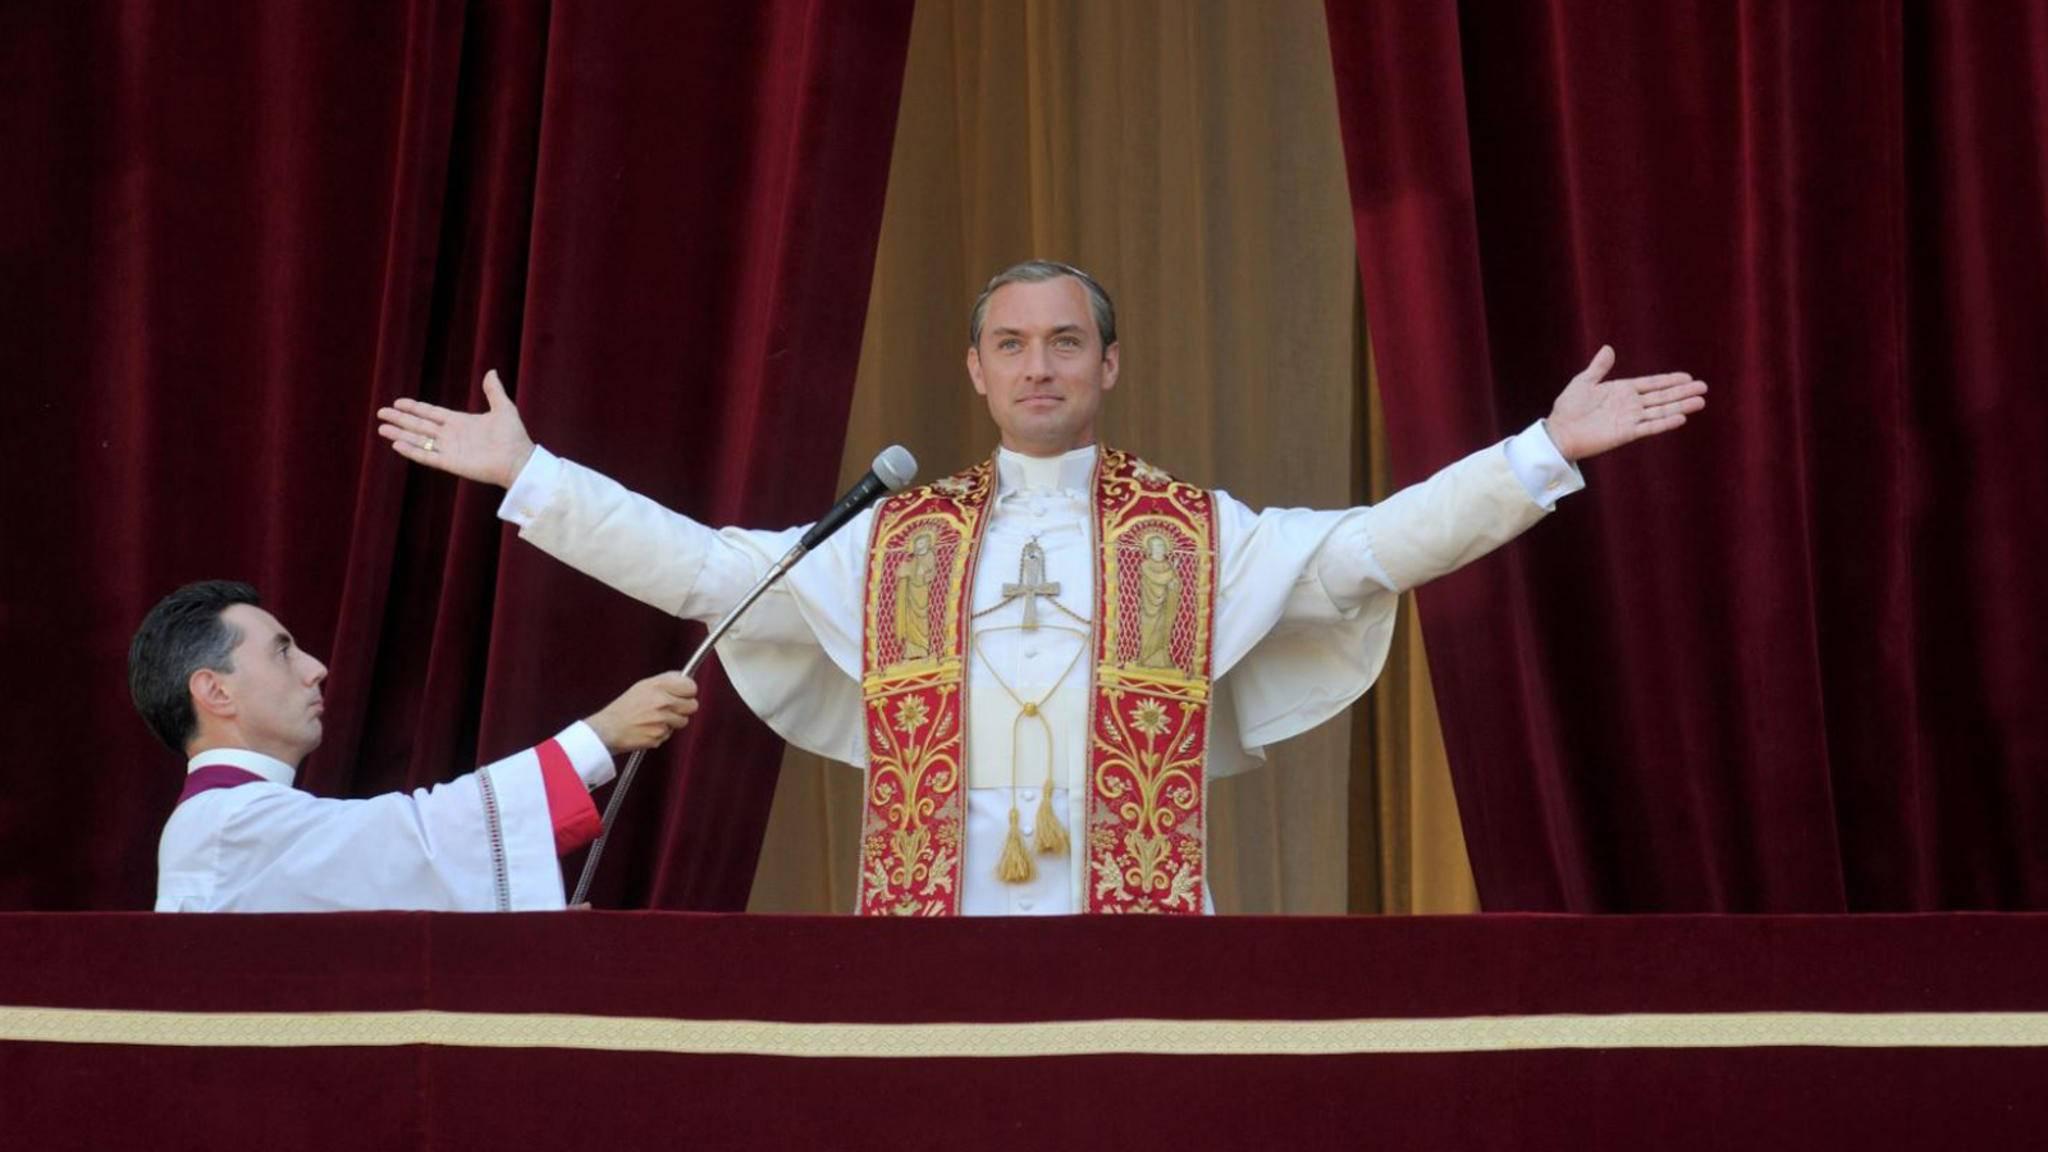 """Zuletzt sahen die TV-Zuschauer Jude Law in der Serie """"The Young Pope"""" als Papst – nun soll er einen Alien mimen."""